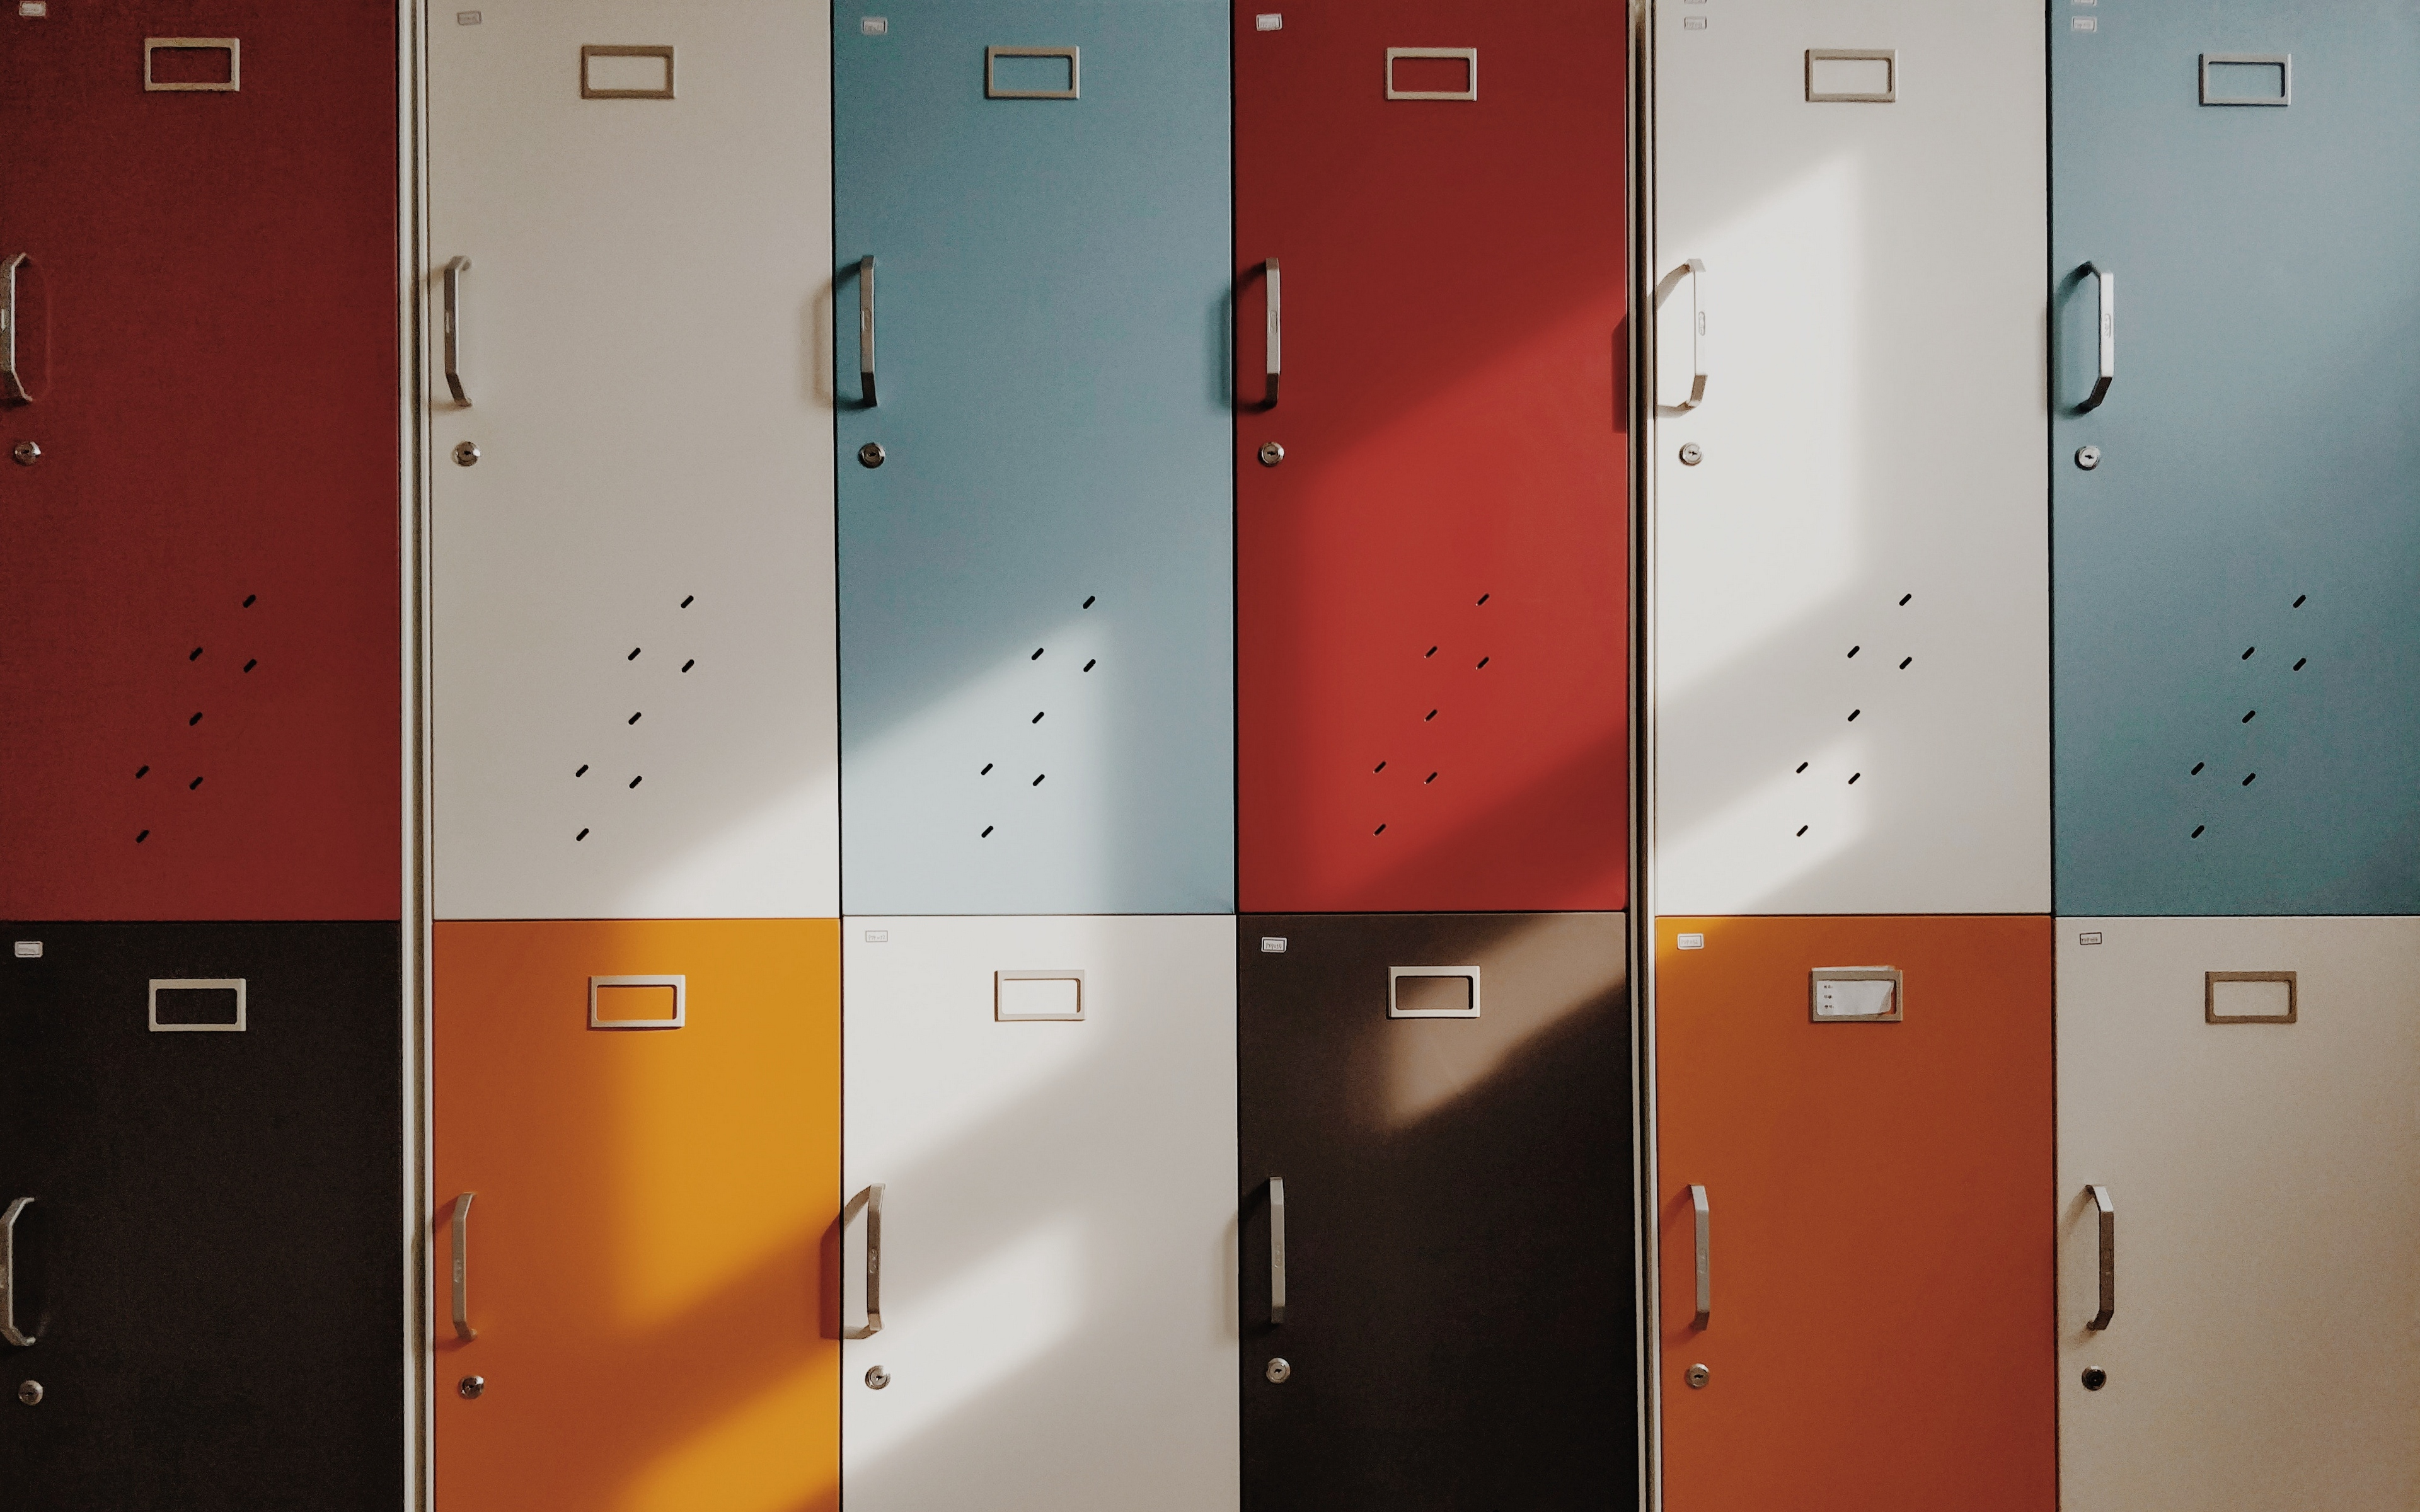 Fondos de pantalla Lockers de colores